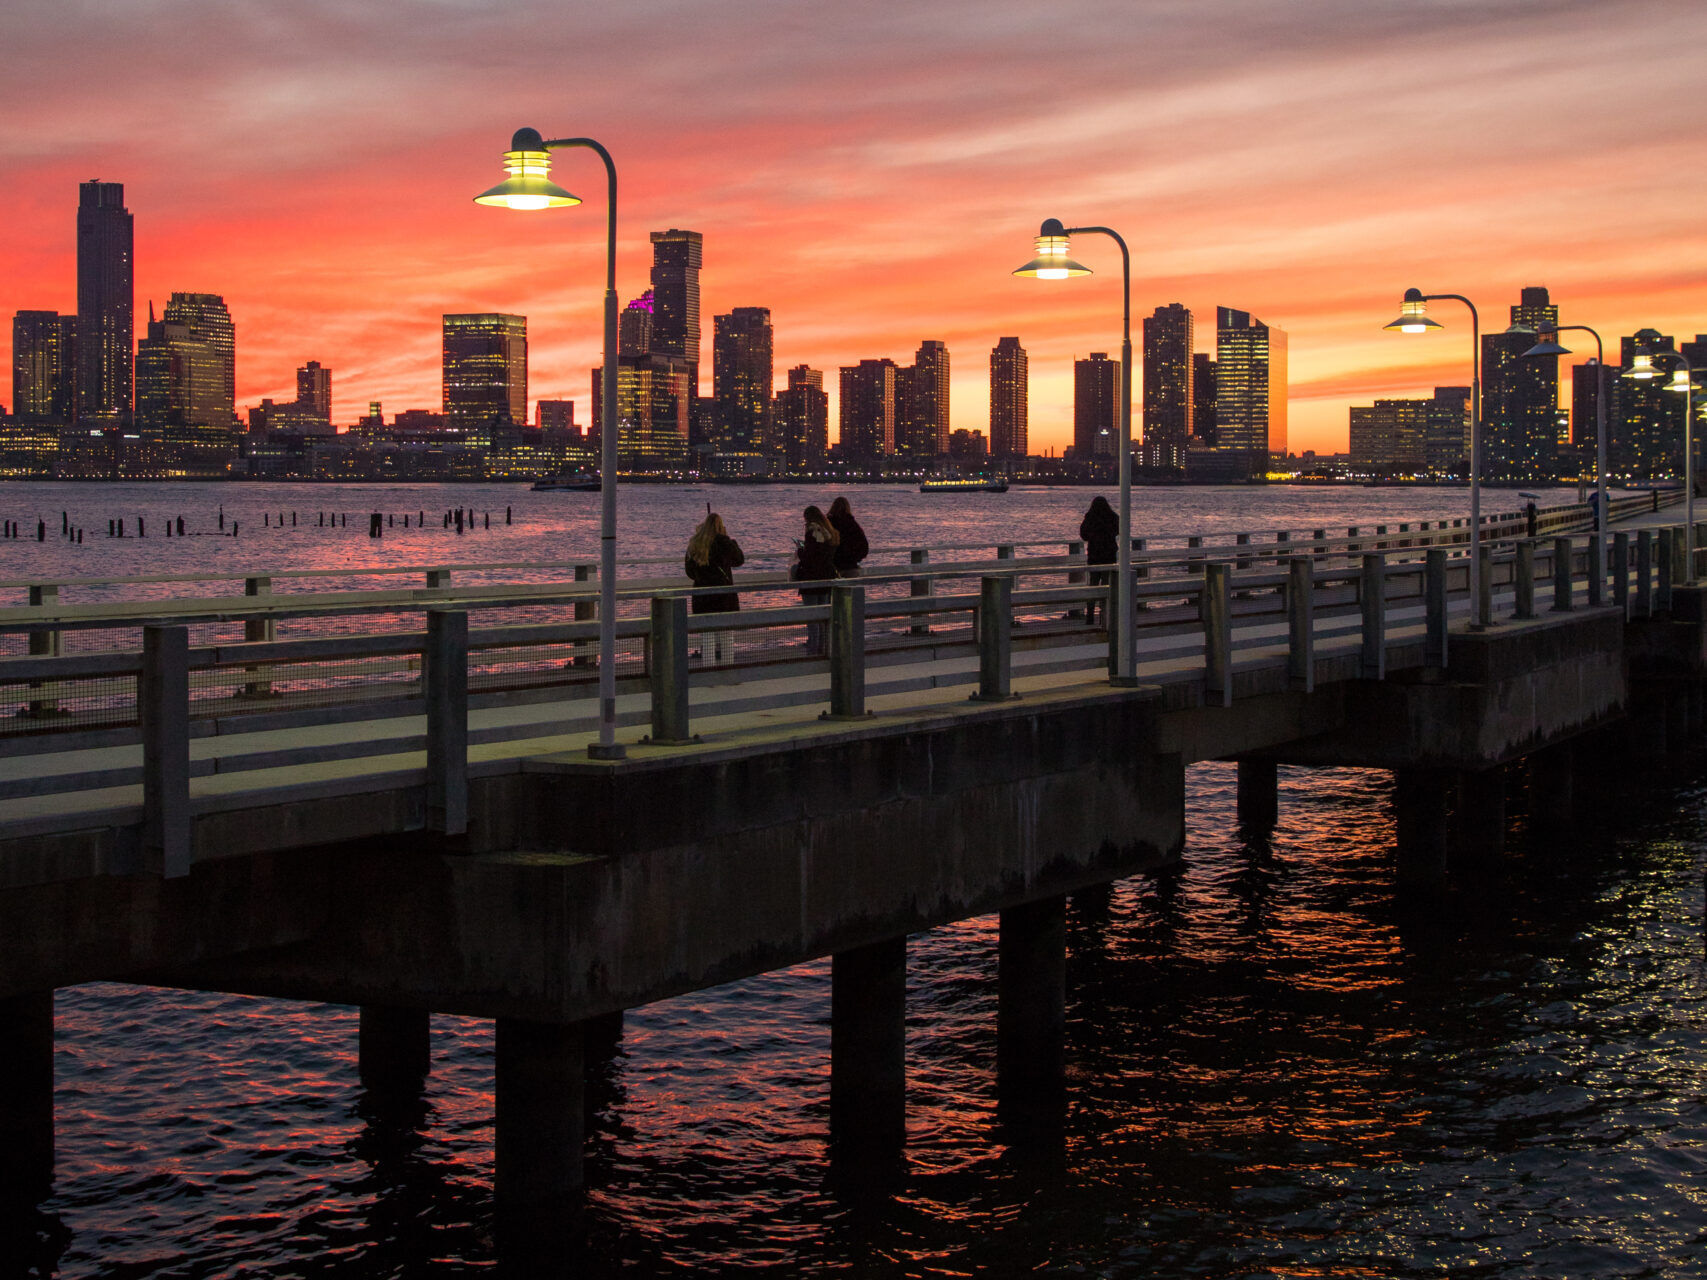 Pier 34 at dusk